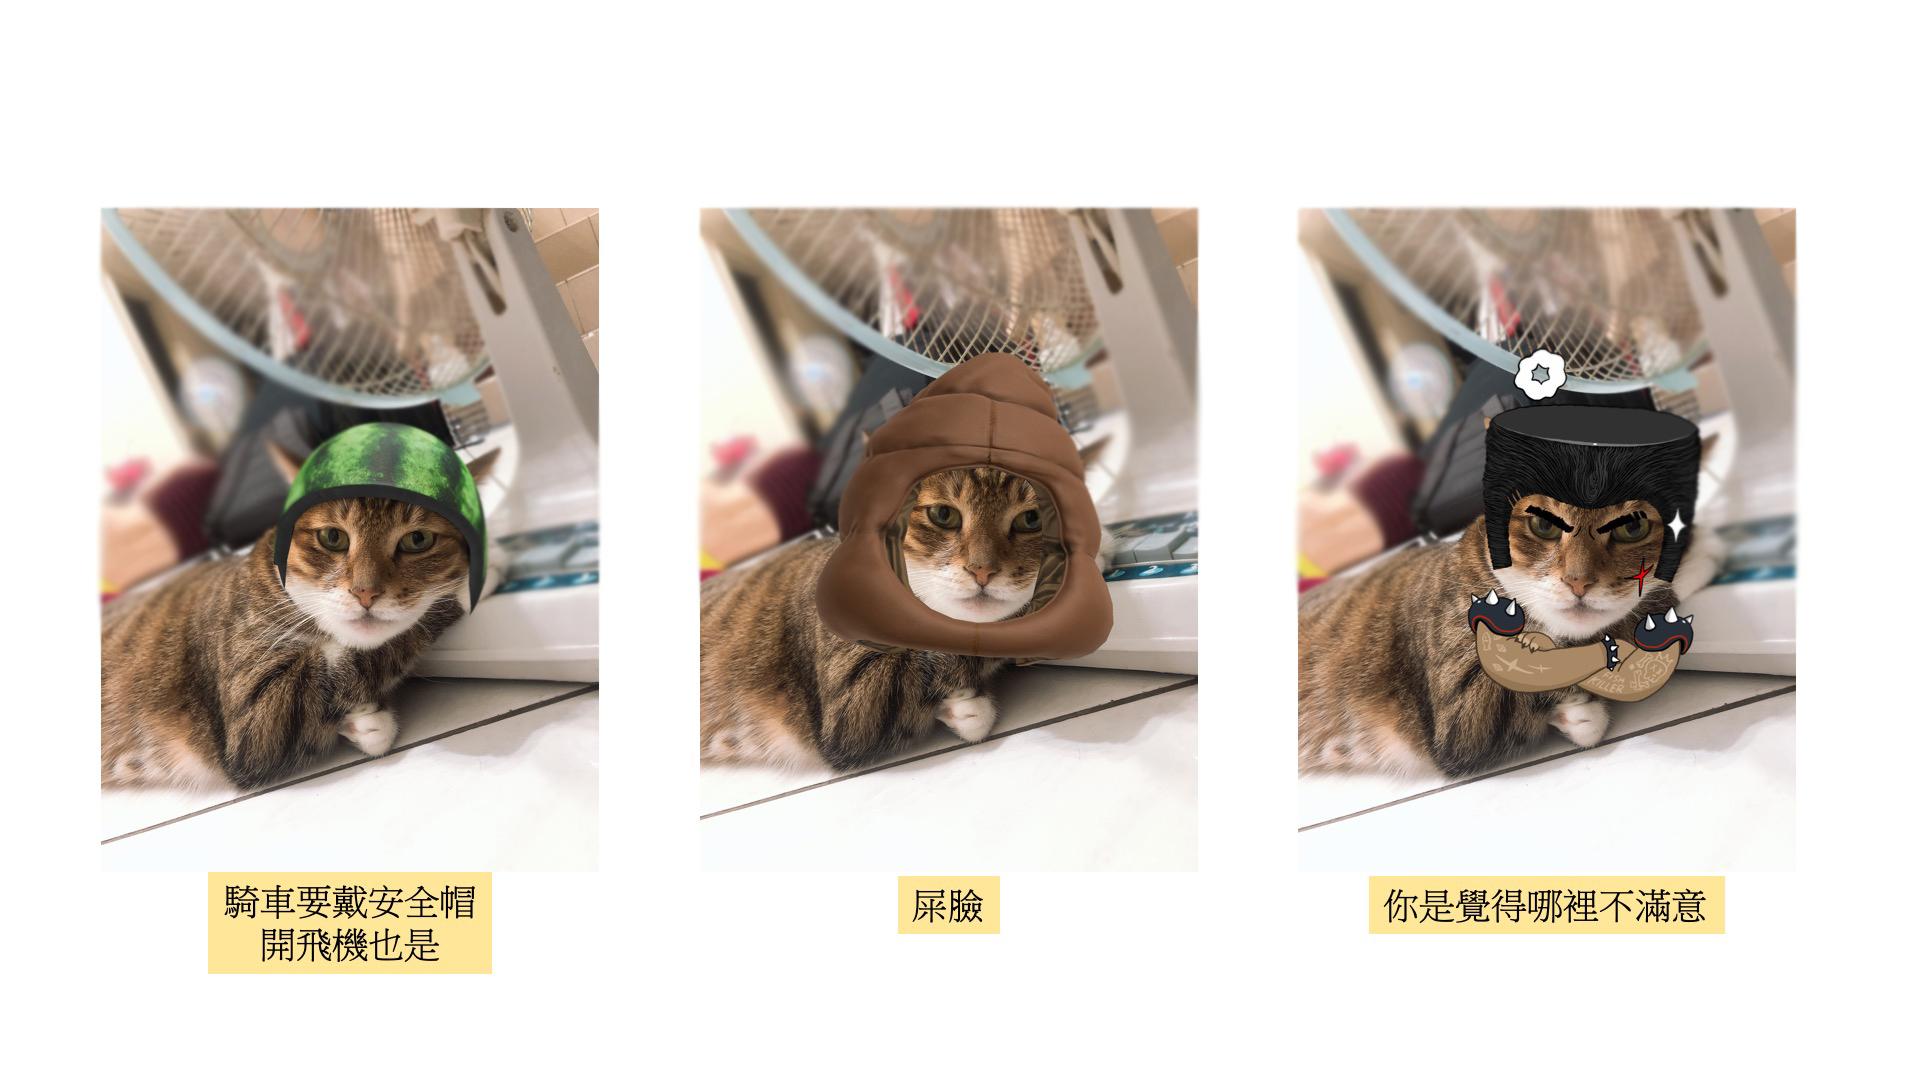 有趣又可愛的貓咪臉孔特效